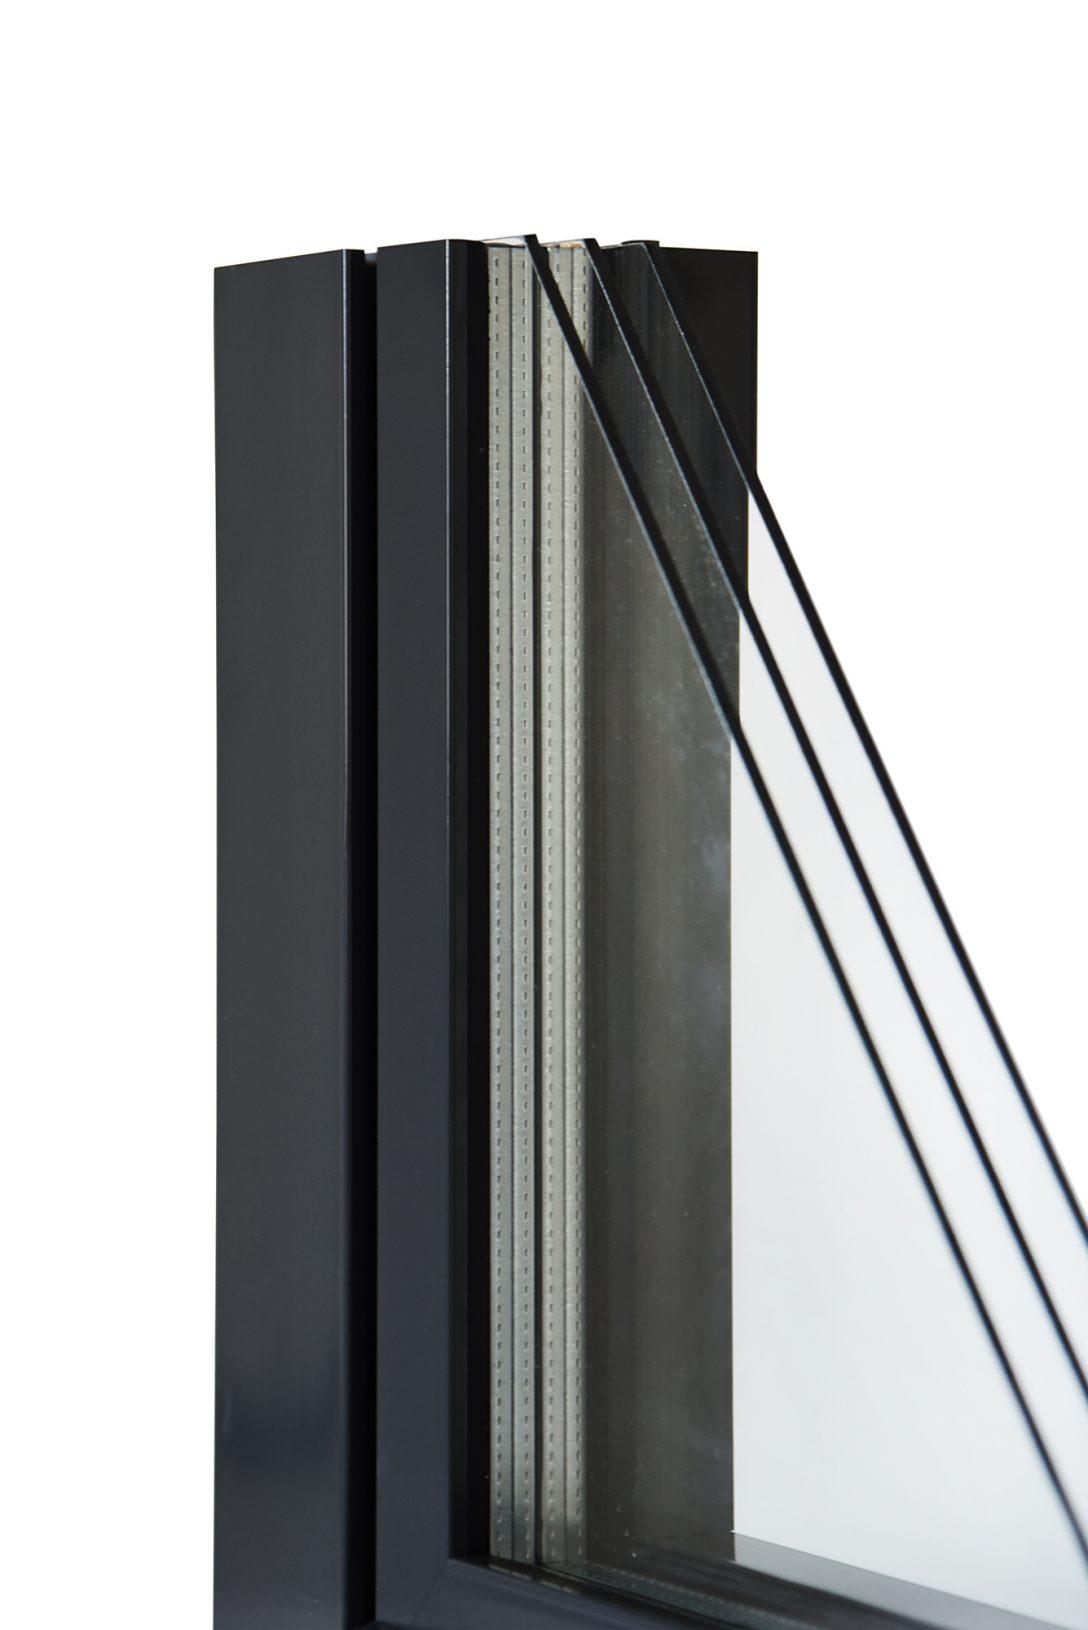 Large Size of Drutex Fenster Polen Erfahrungen Erfahrung Test Einstellen Justieren Aluminiumfenster Drutealu Mb 70 Ral7016 Anthrazitgrau Einbruchschutz Schüko Fenster Drutex Fenster